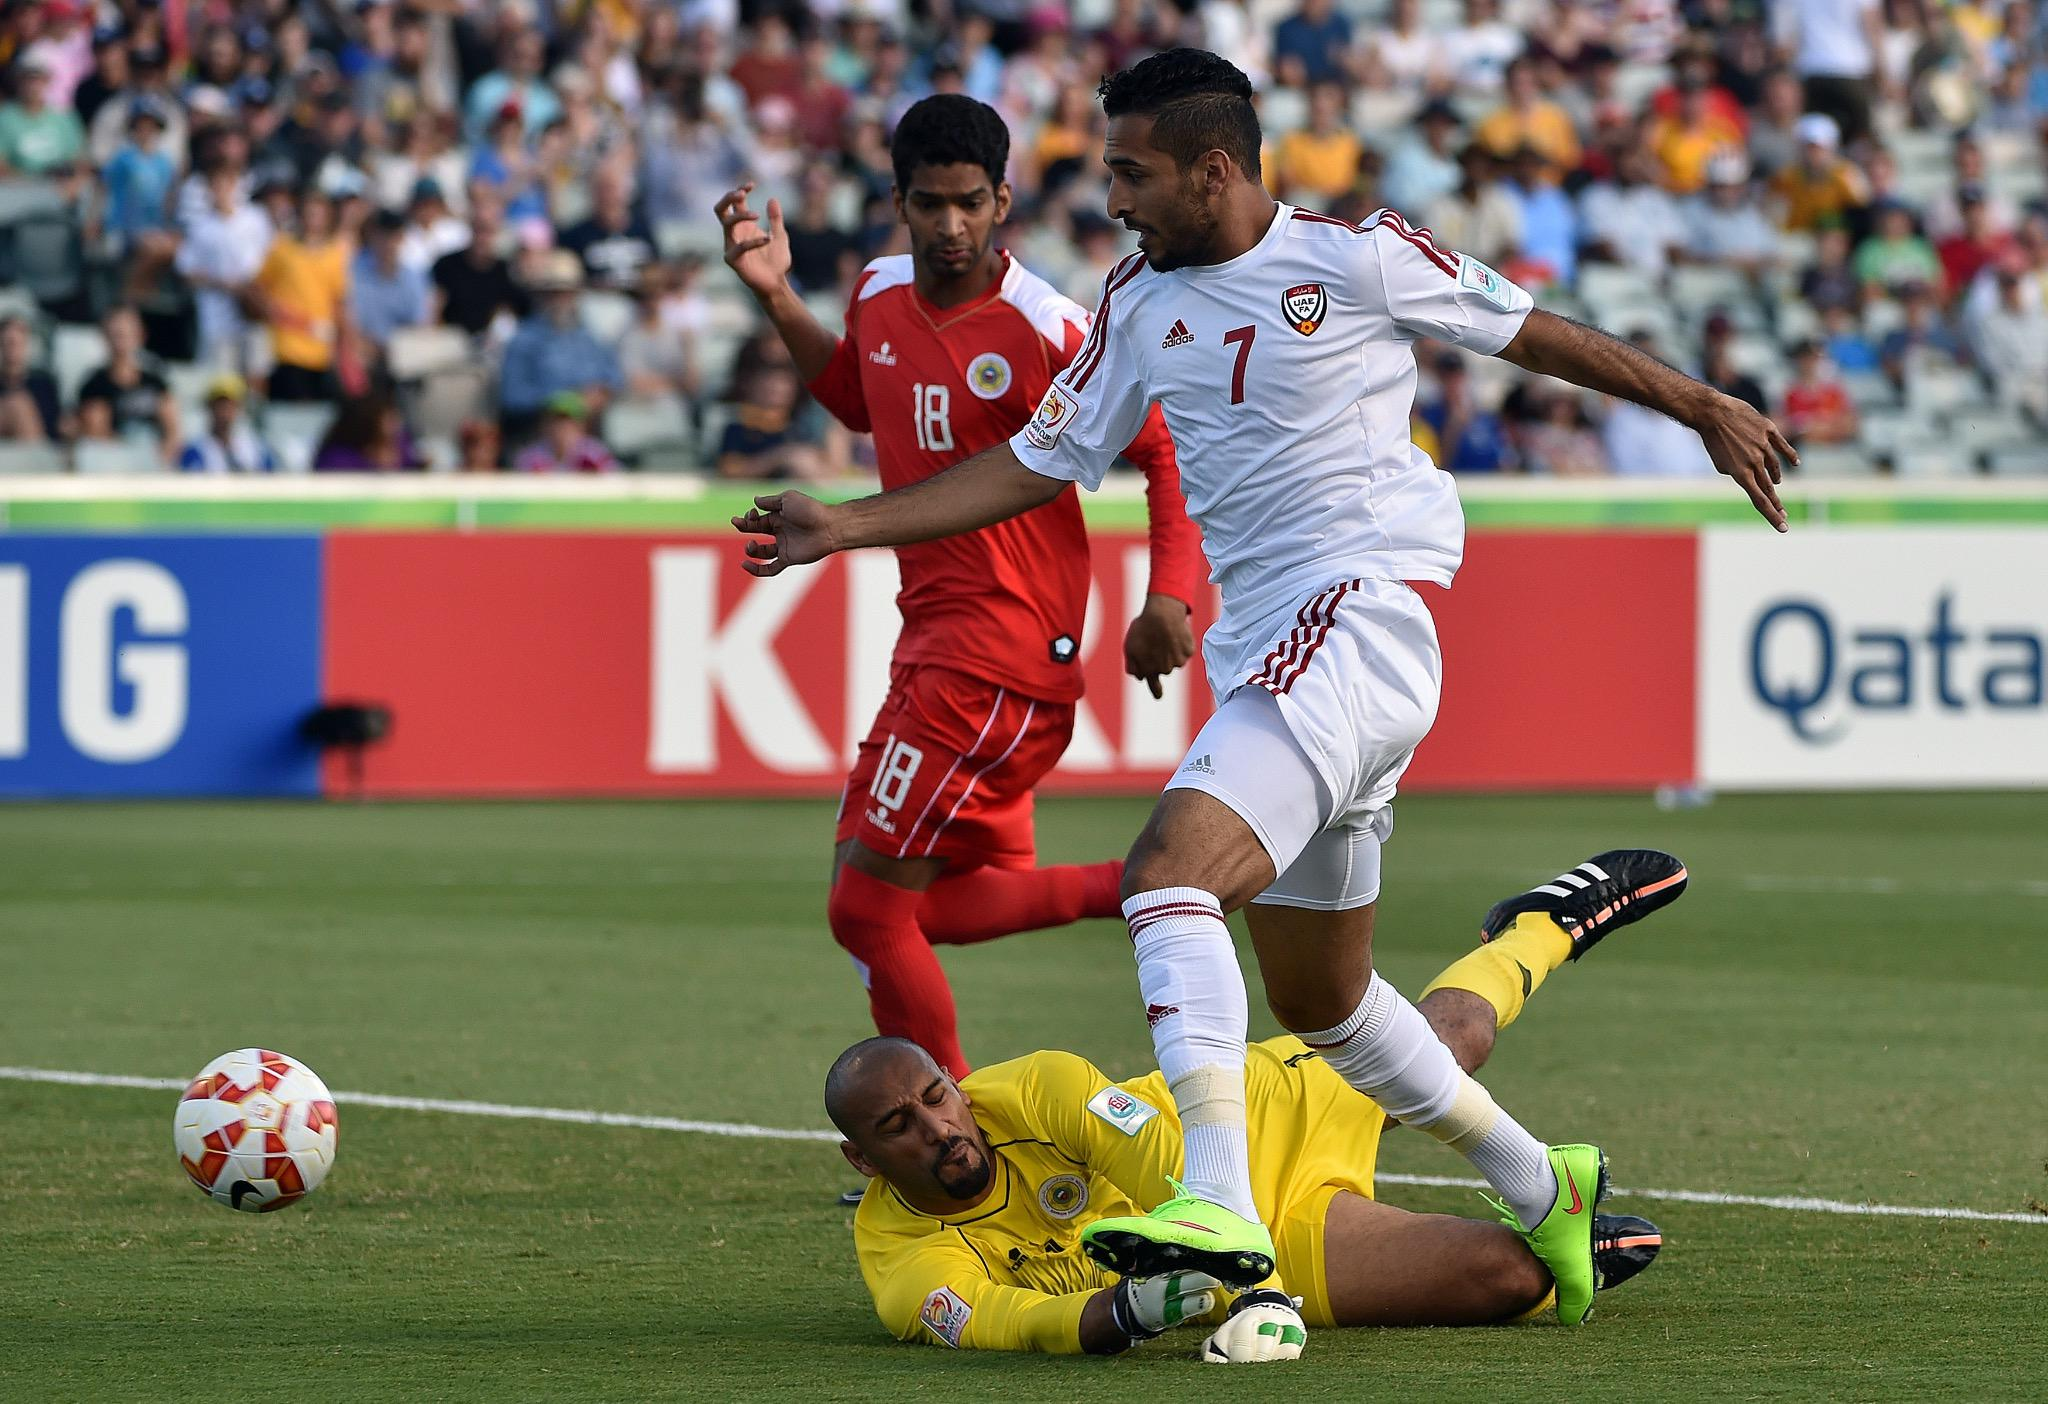 Кубок Азии-2015. День 7. Иран и ОАЭ уже в плей-офф - изображение 1